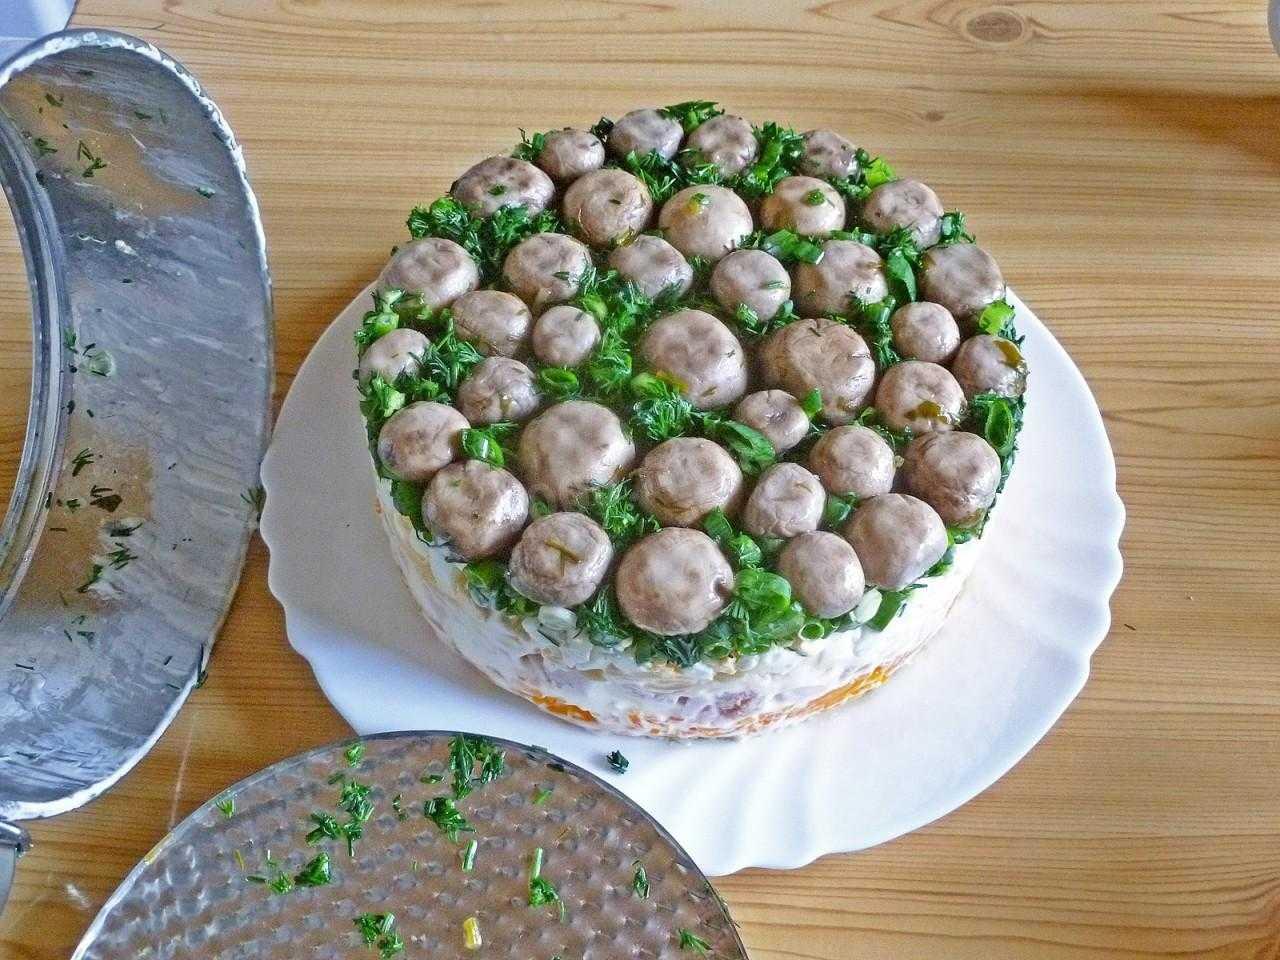 Вас поразят простота и глубина этой грибной тайны Сам рецепт с пошаговыми фотографиями этапов приготовления - настоящий микс привычных вкусов с новыми нотками Просто, быстро и эффектно - блюдо для праздника и для будних дней